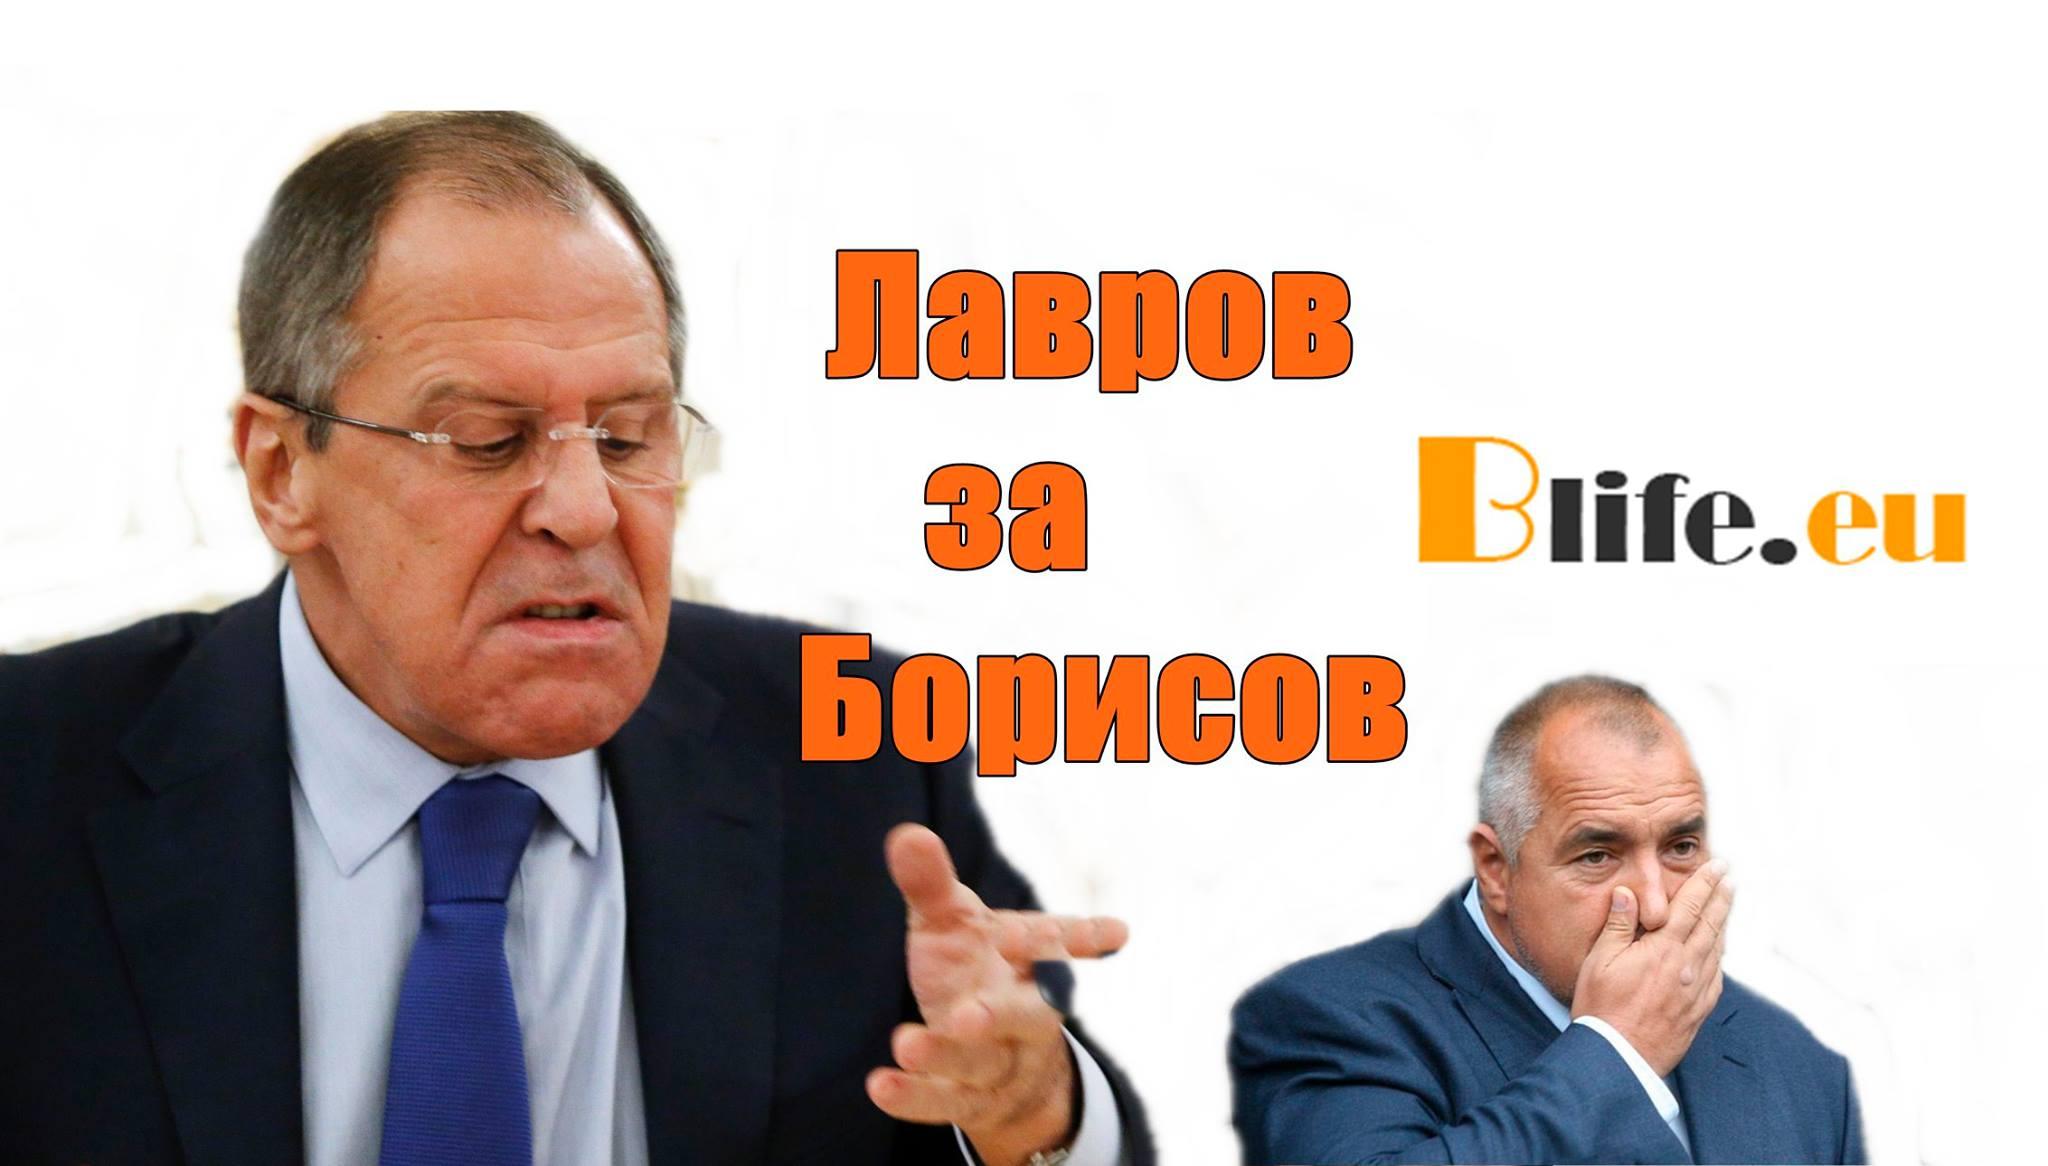 Вижте какво каза Лавров за Борисов